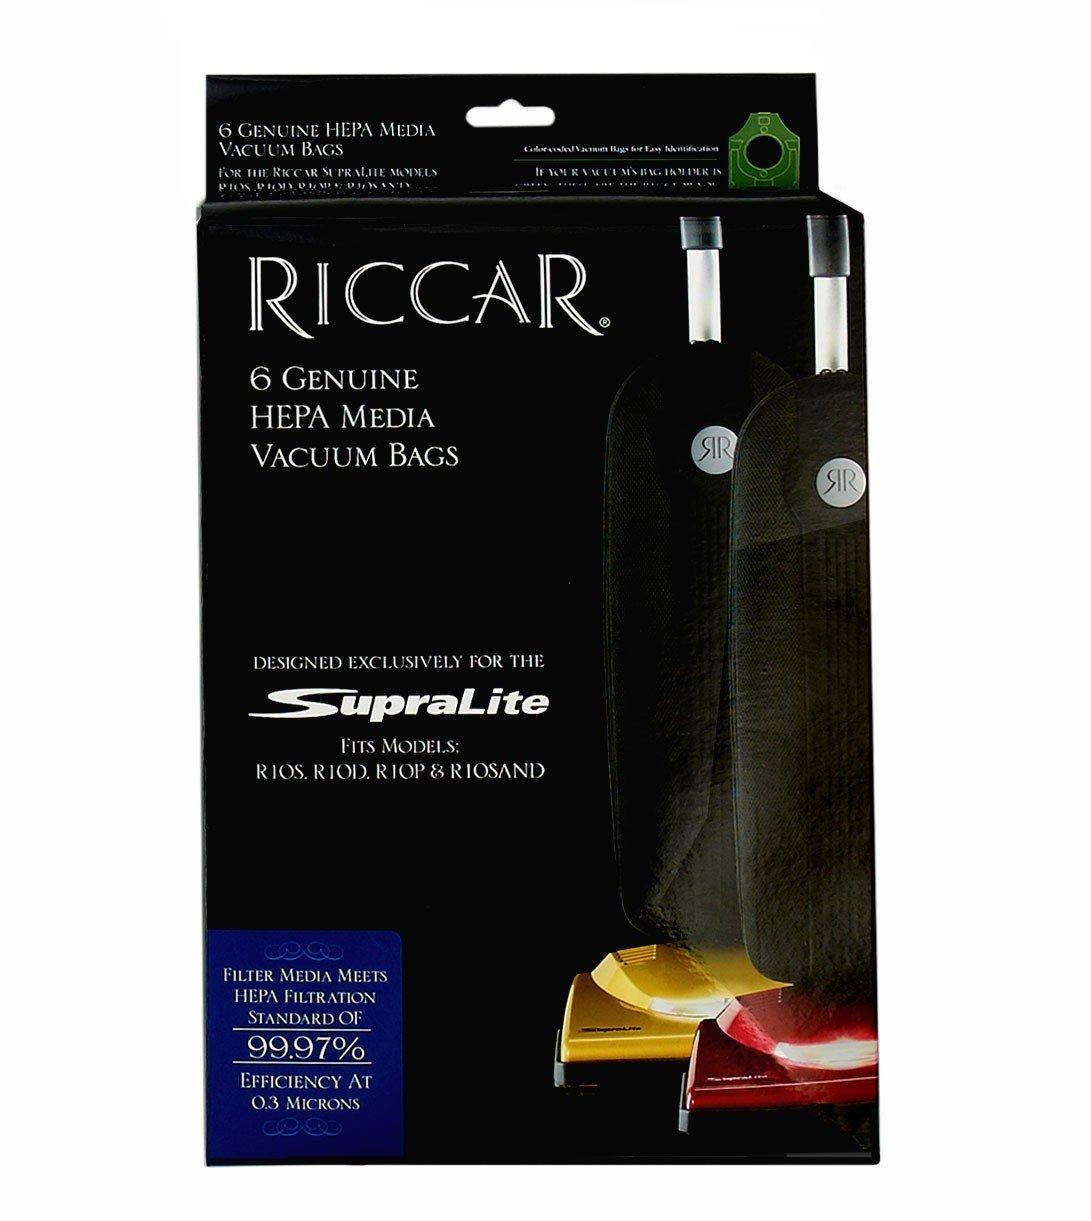 Riccar Genuine  Supralite Vacuum Bags - 6 pack